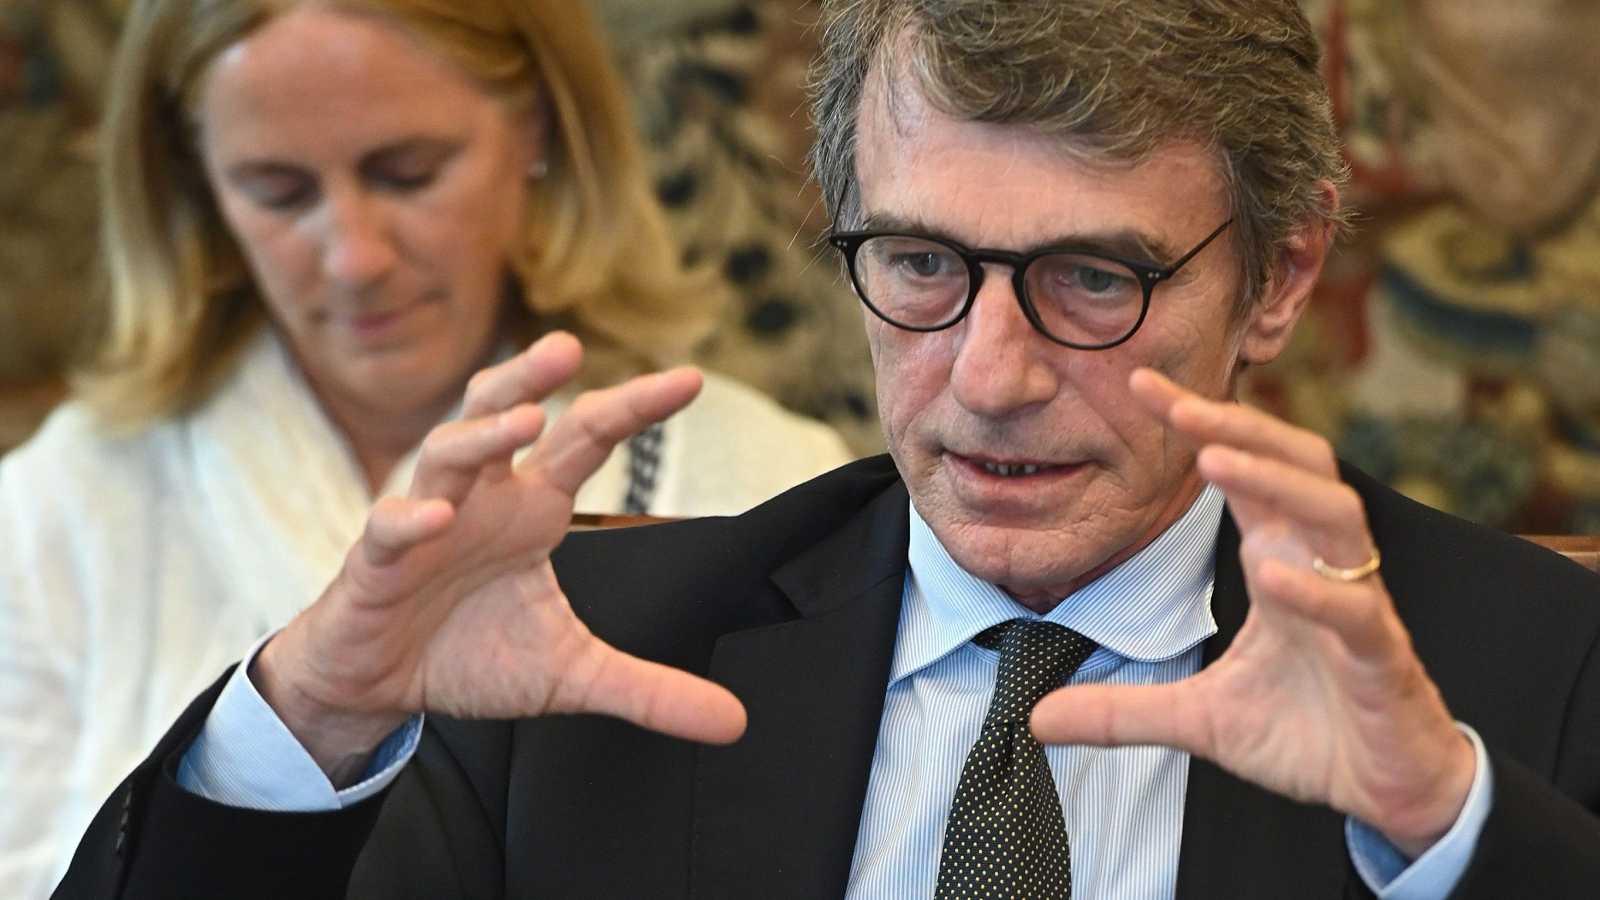 El presidente del Parlamento Europeo, David Sassoli, gesticulando con las manos.